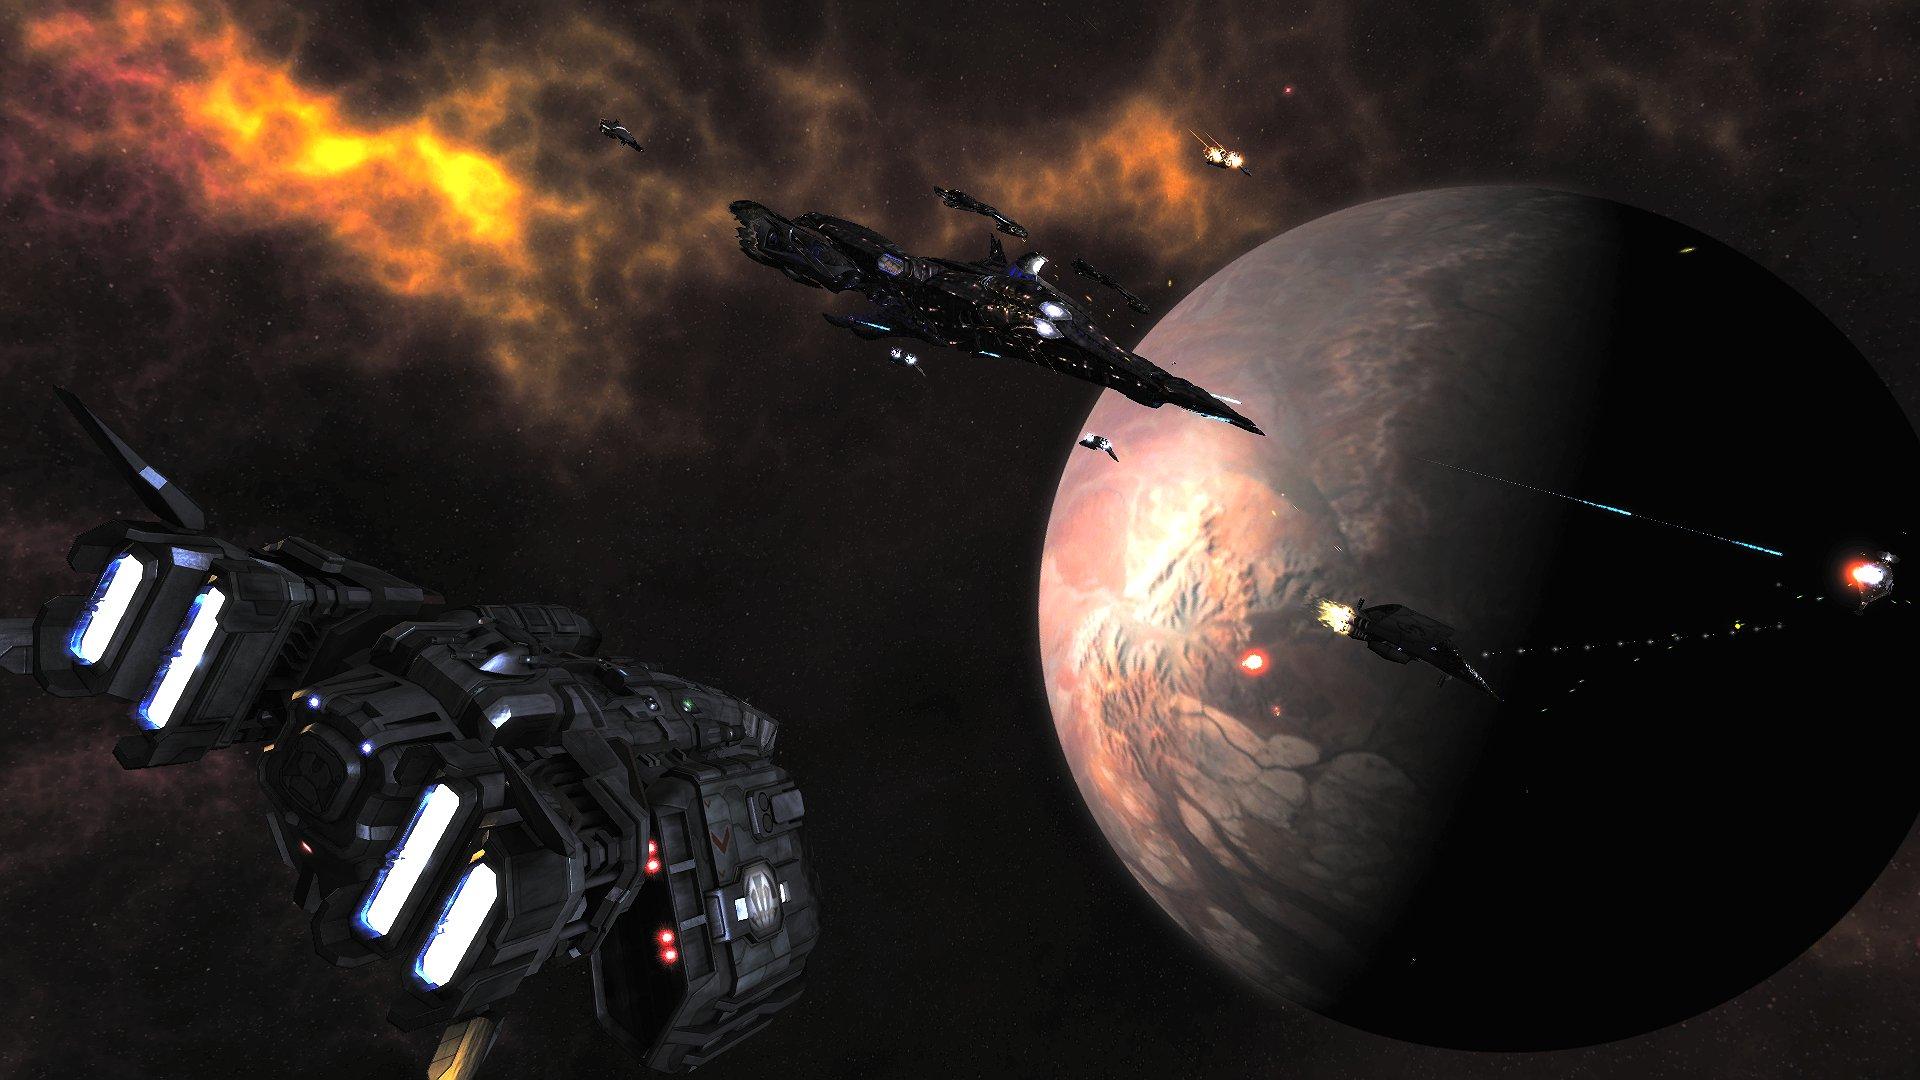 Халява: на PC бесплатно раздают экшен Freespace 2 про сражения в космосе